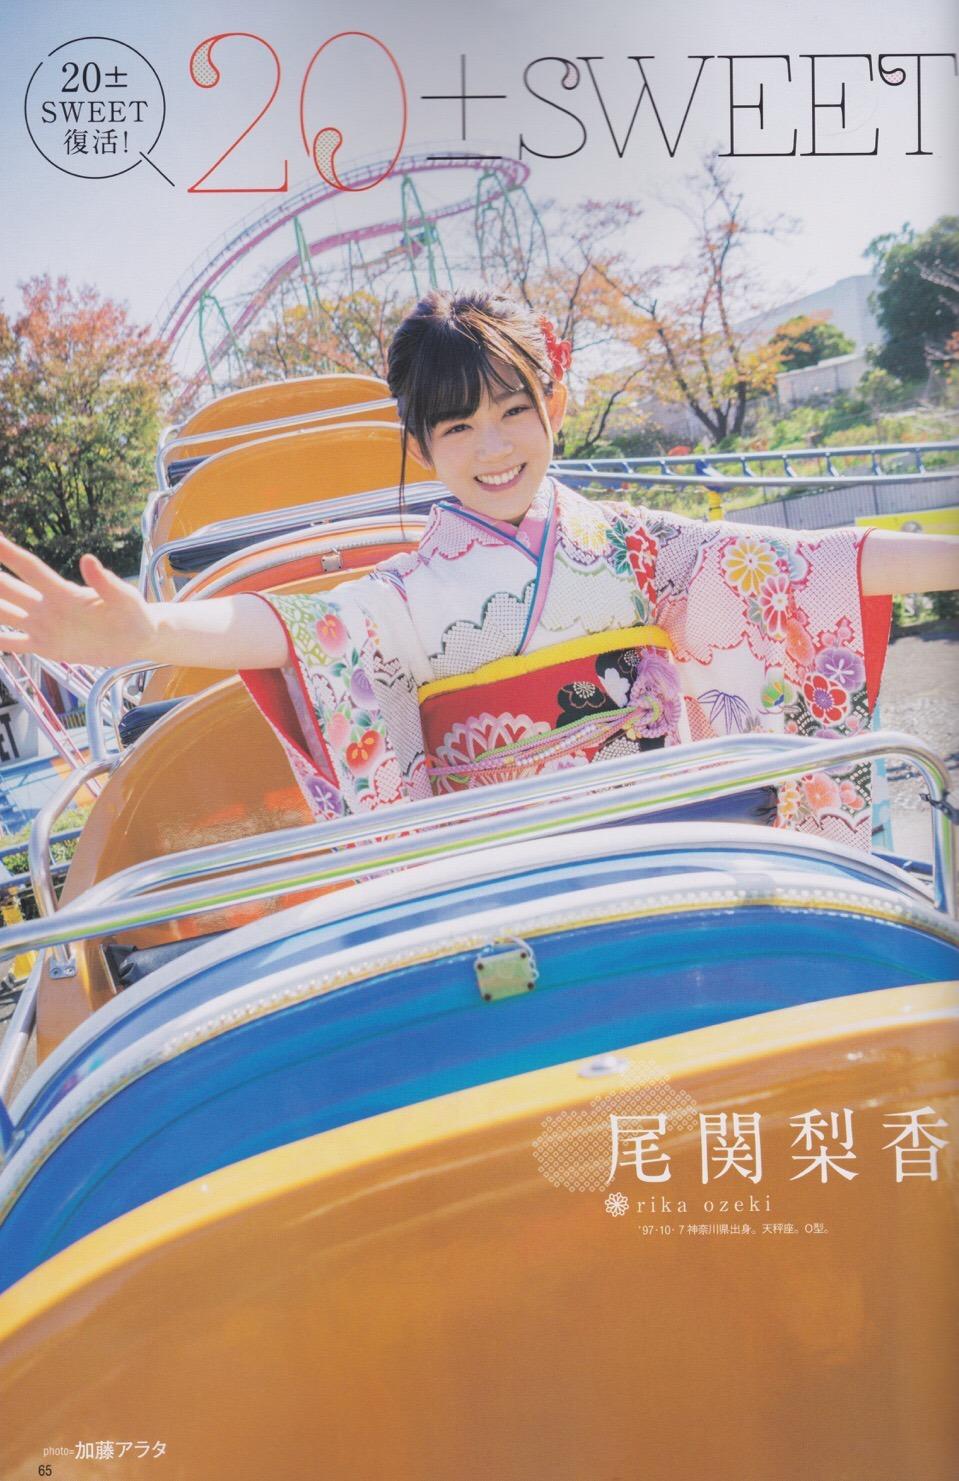 Keyakizaka46 欅坂46, B.L.T. 2018.02 (ビー・エル・ティー 2018年2月号)